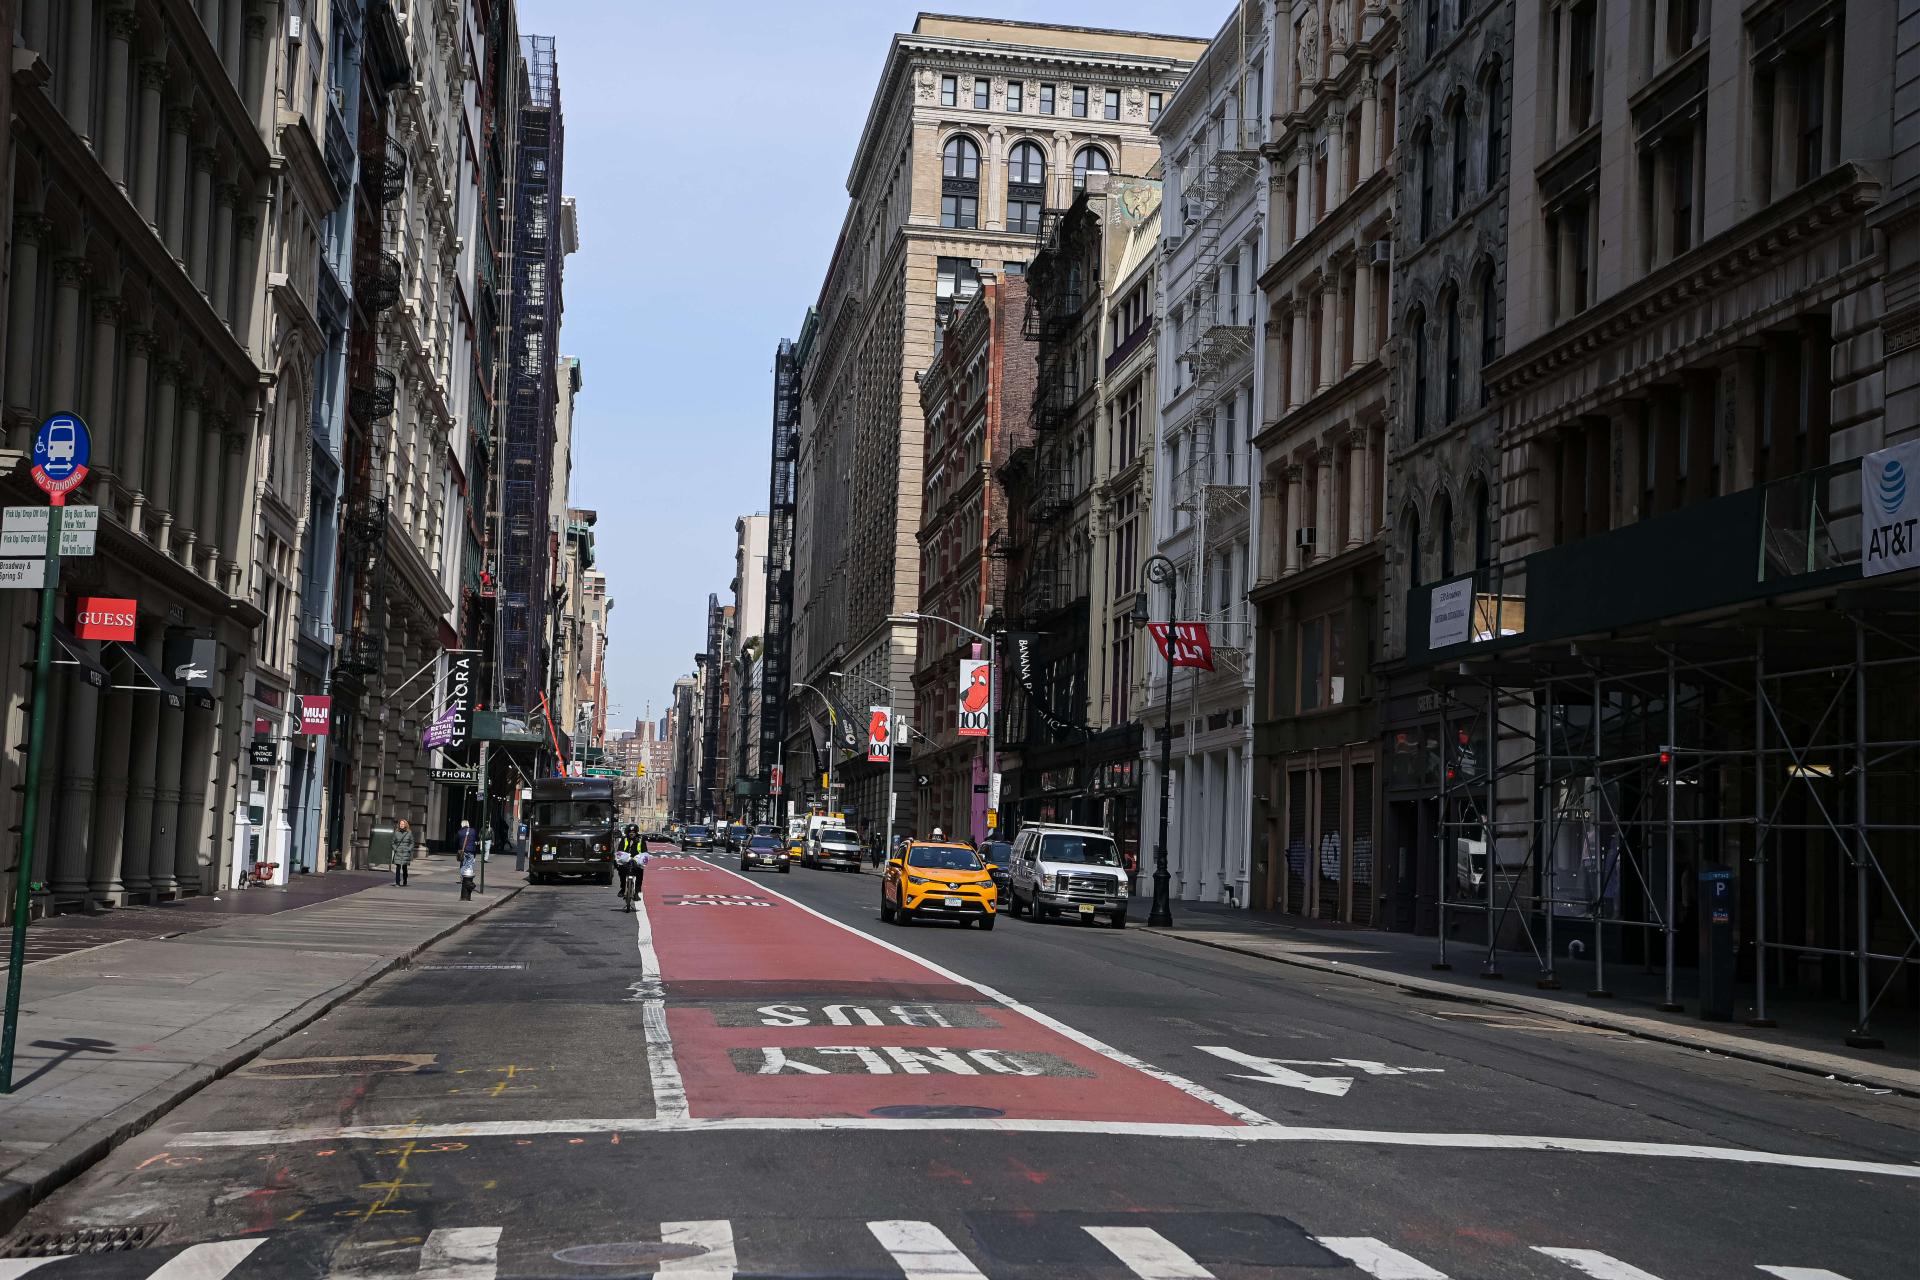 Чтобы приобрести жилье за криптовалюту, к примеру, в Нью-Йорке, надо обратиться на зарубежную биржу